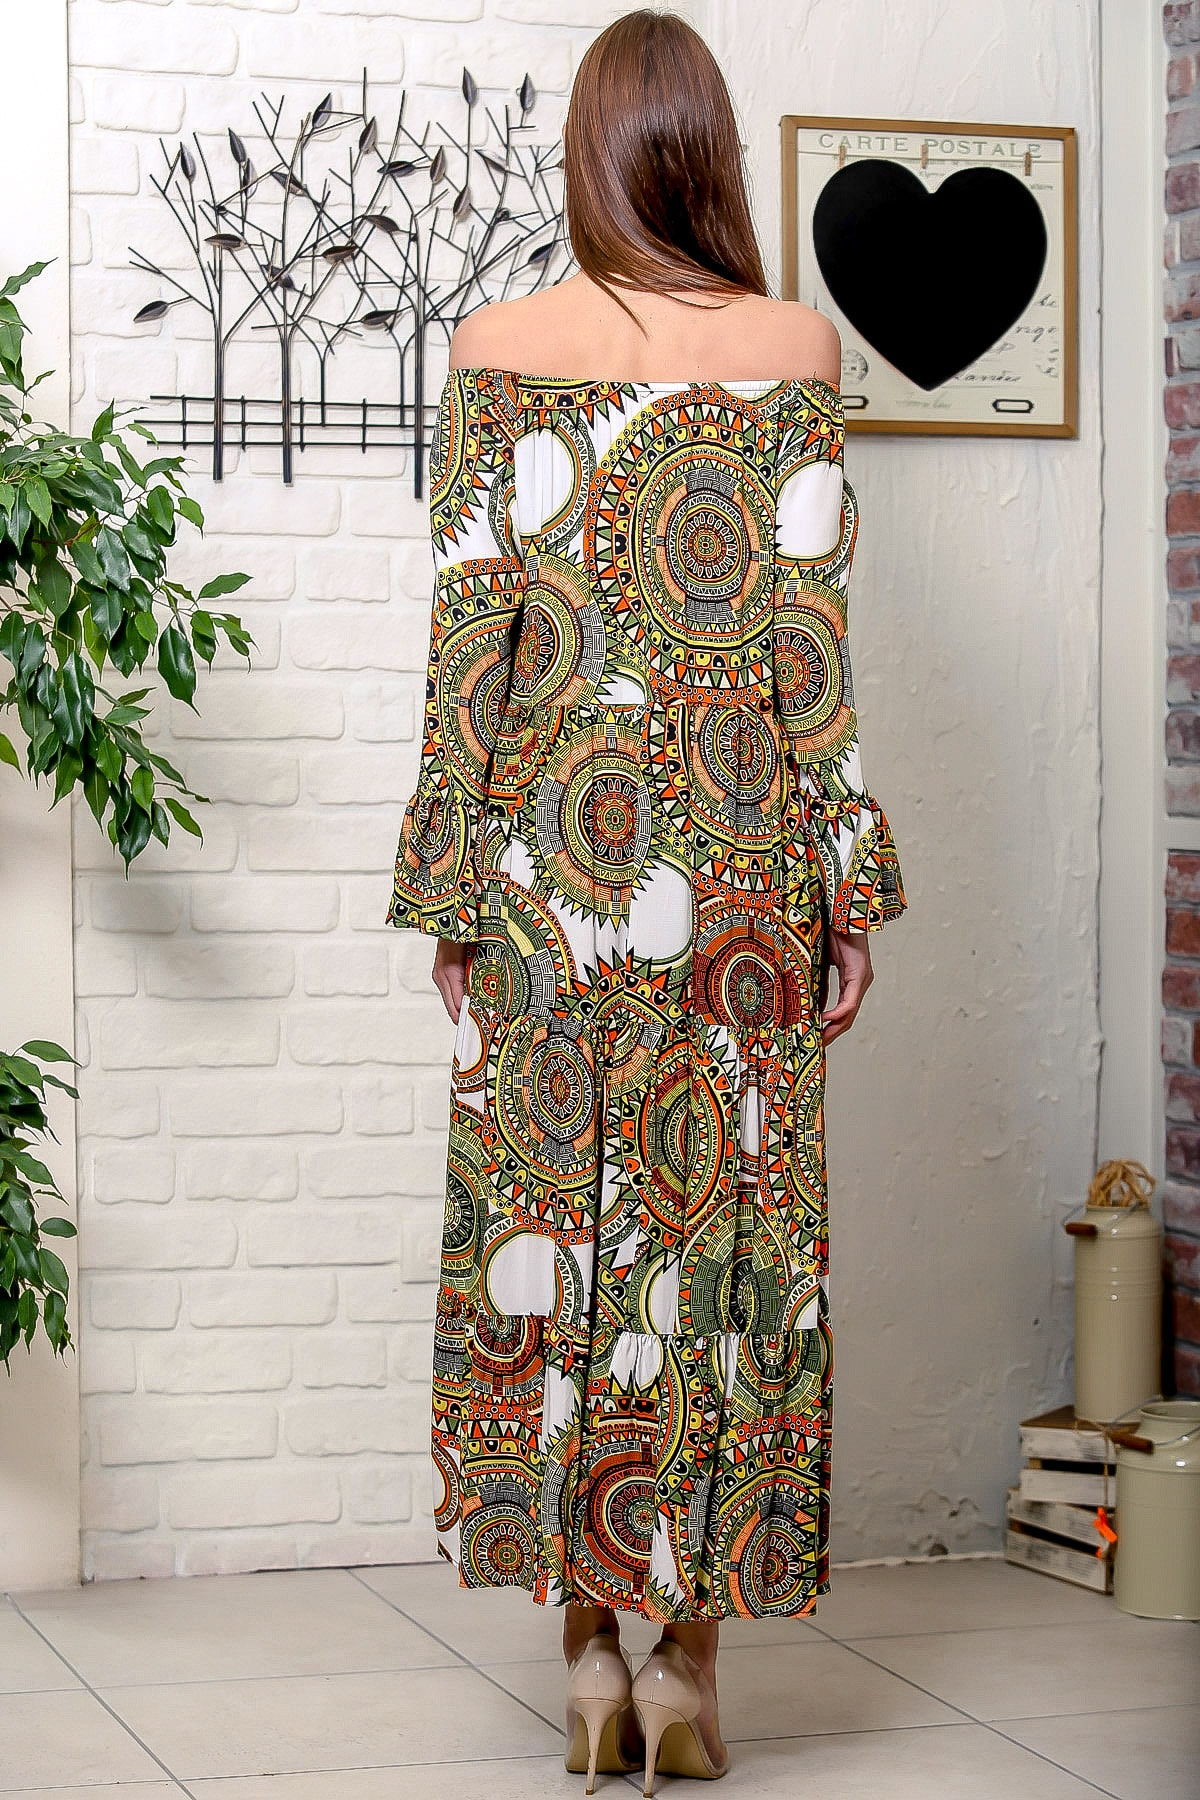 Chiccy Kadın Yeşil-Beyaz Carmen Yaka Geometrik Desenli Kol Ucu Volanlı Salaş Dokuma Elbise M10160000EL95906 4